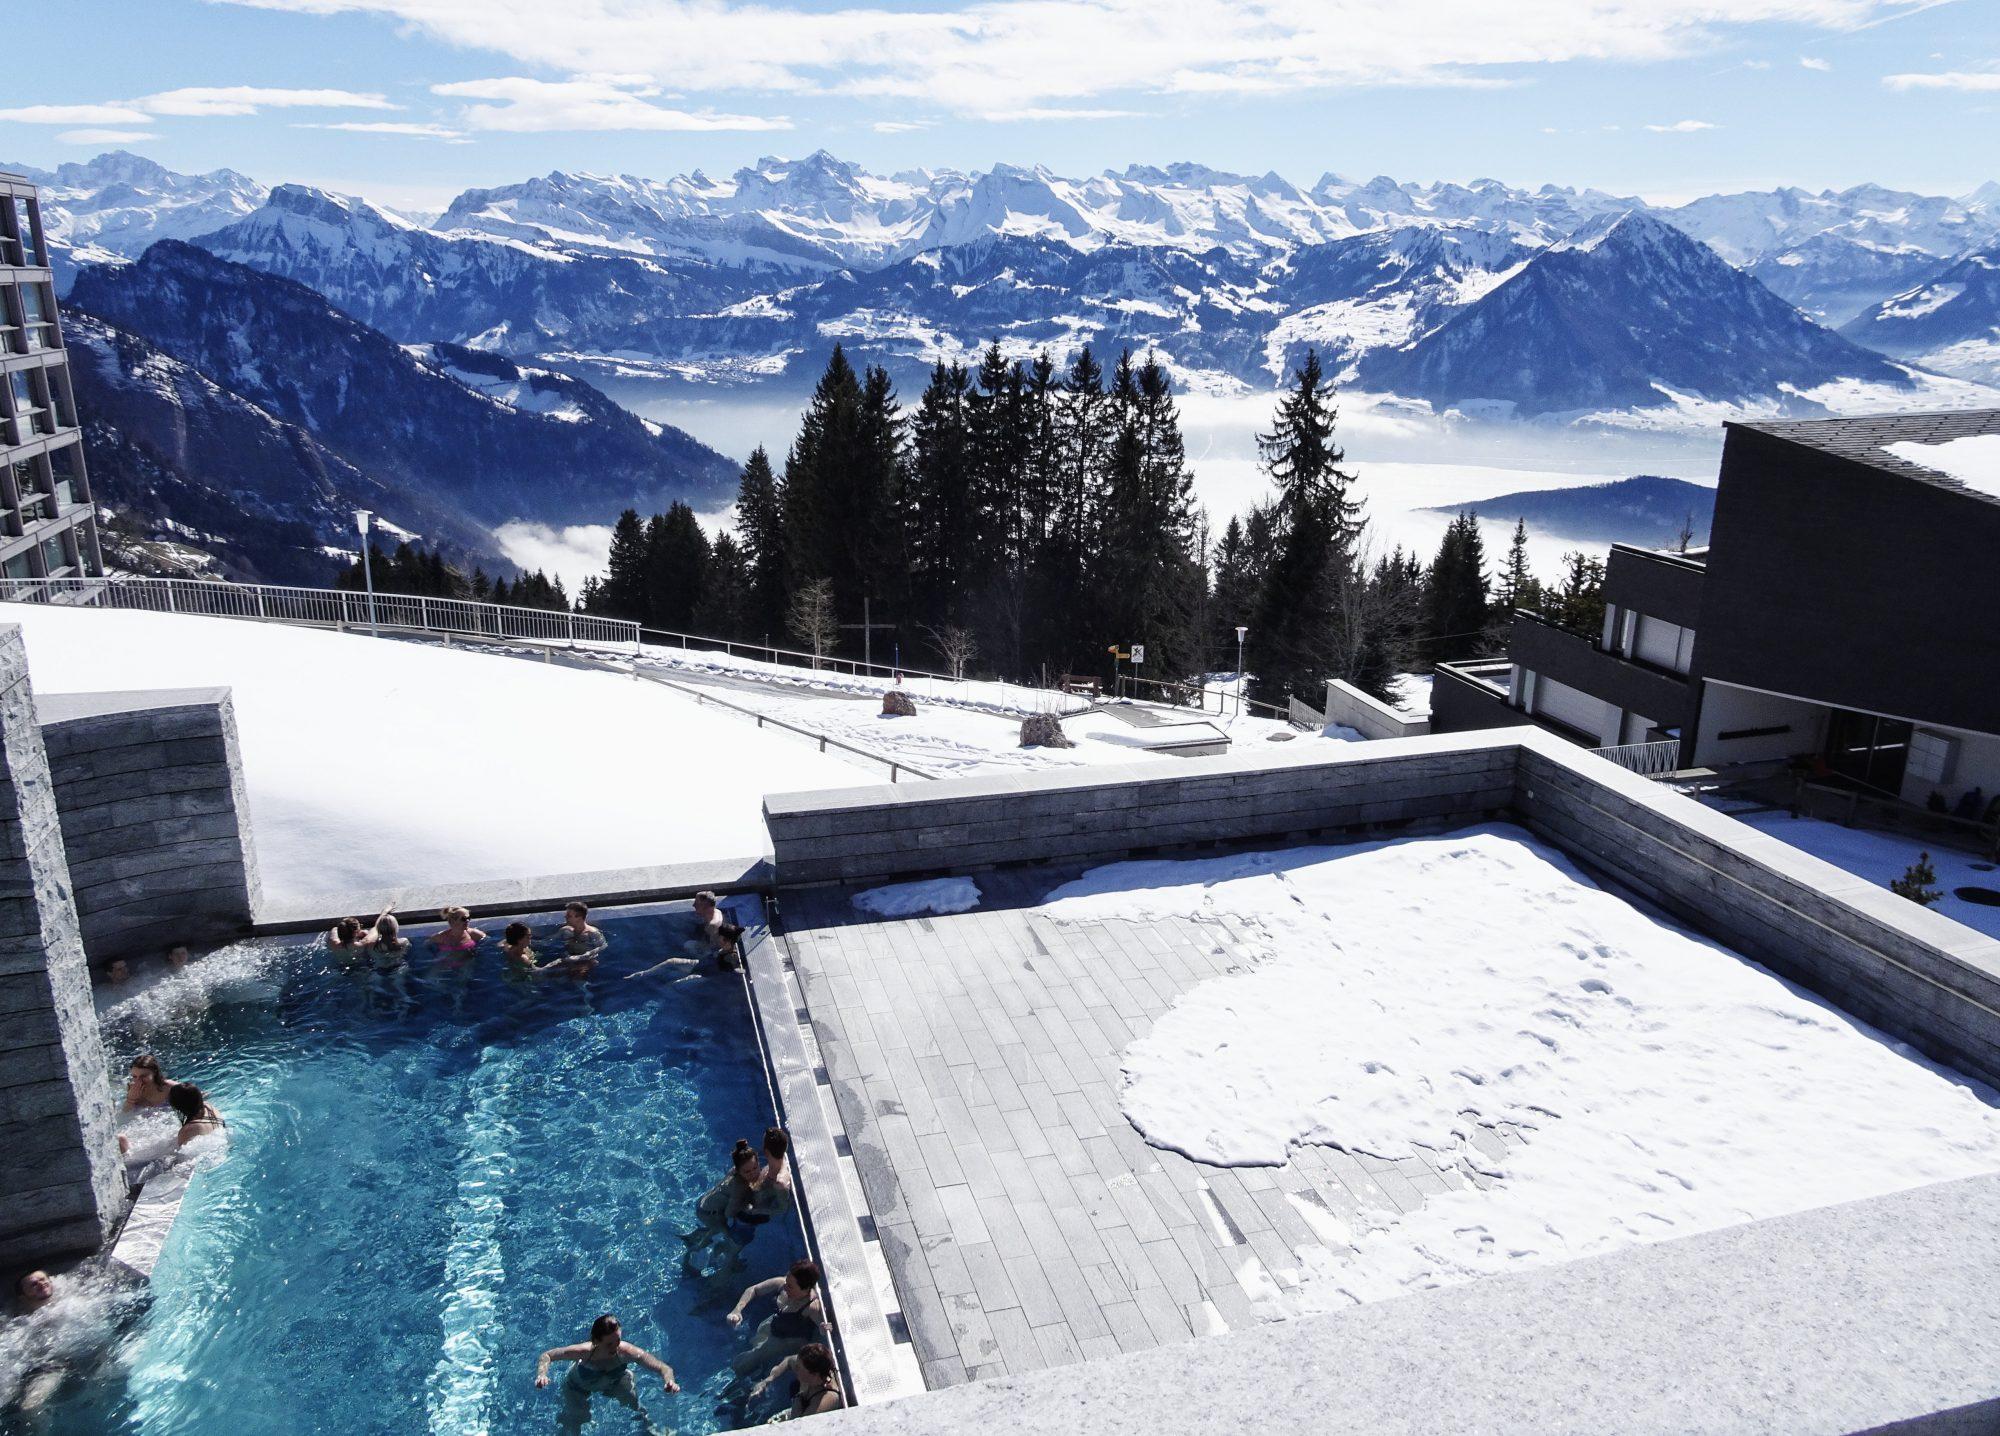 Schweiz, Luzern, Zürich, Rigi, Winterwanderung, Therme